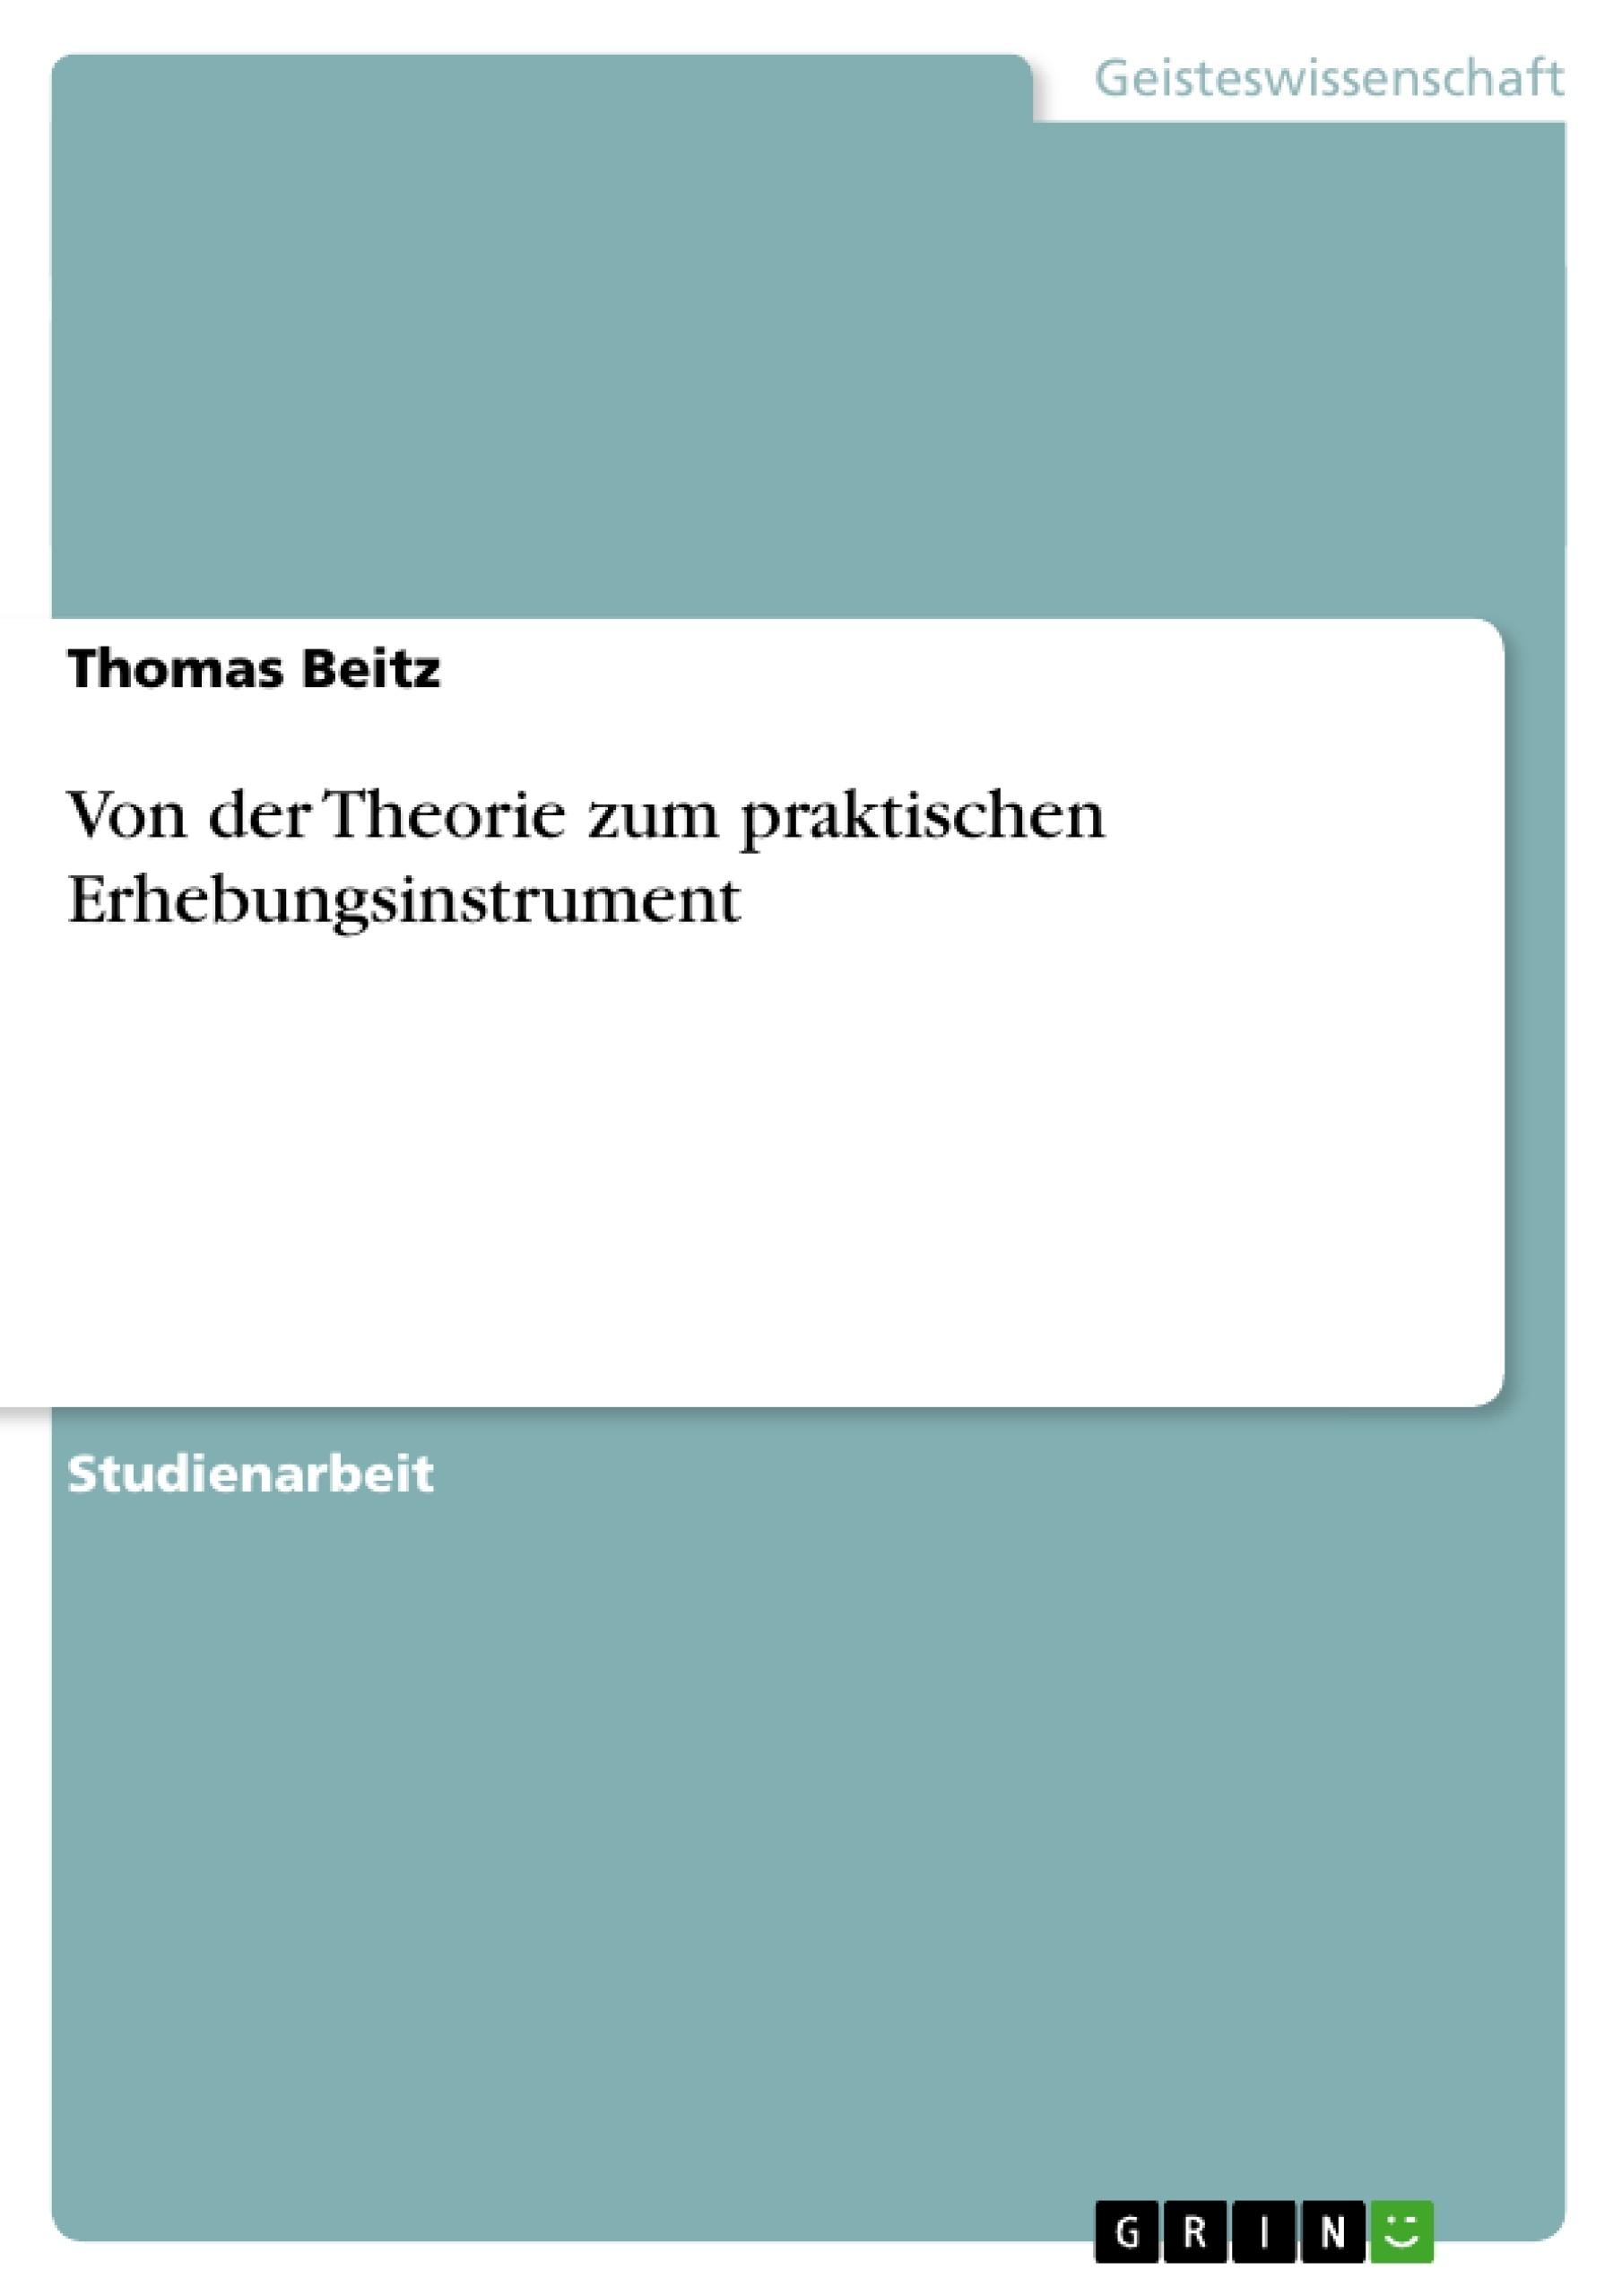 Titel: Von der Theorie zum praktischen Erhebungsinstrument